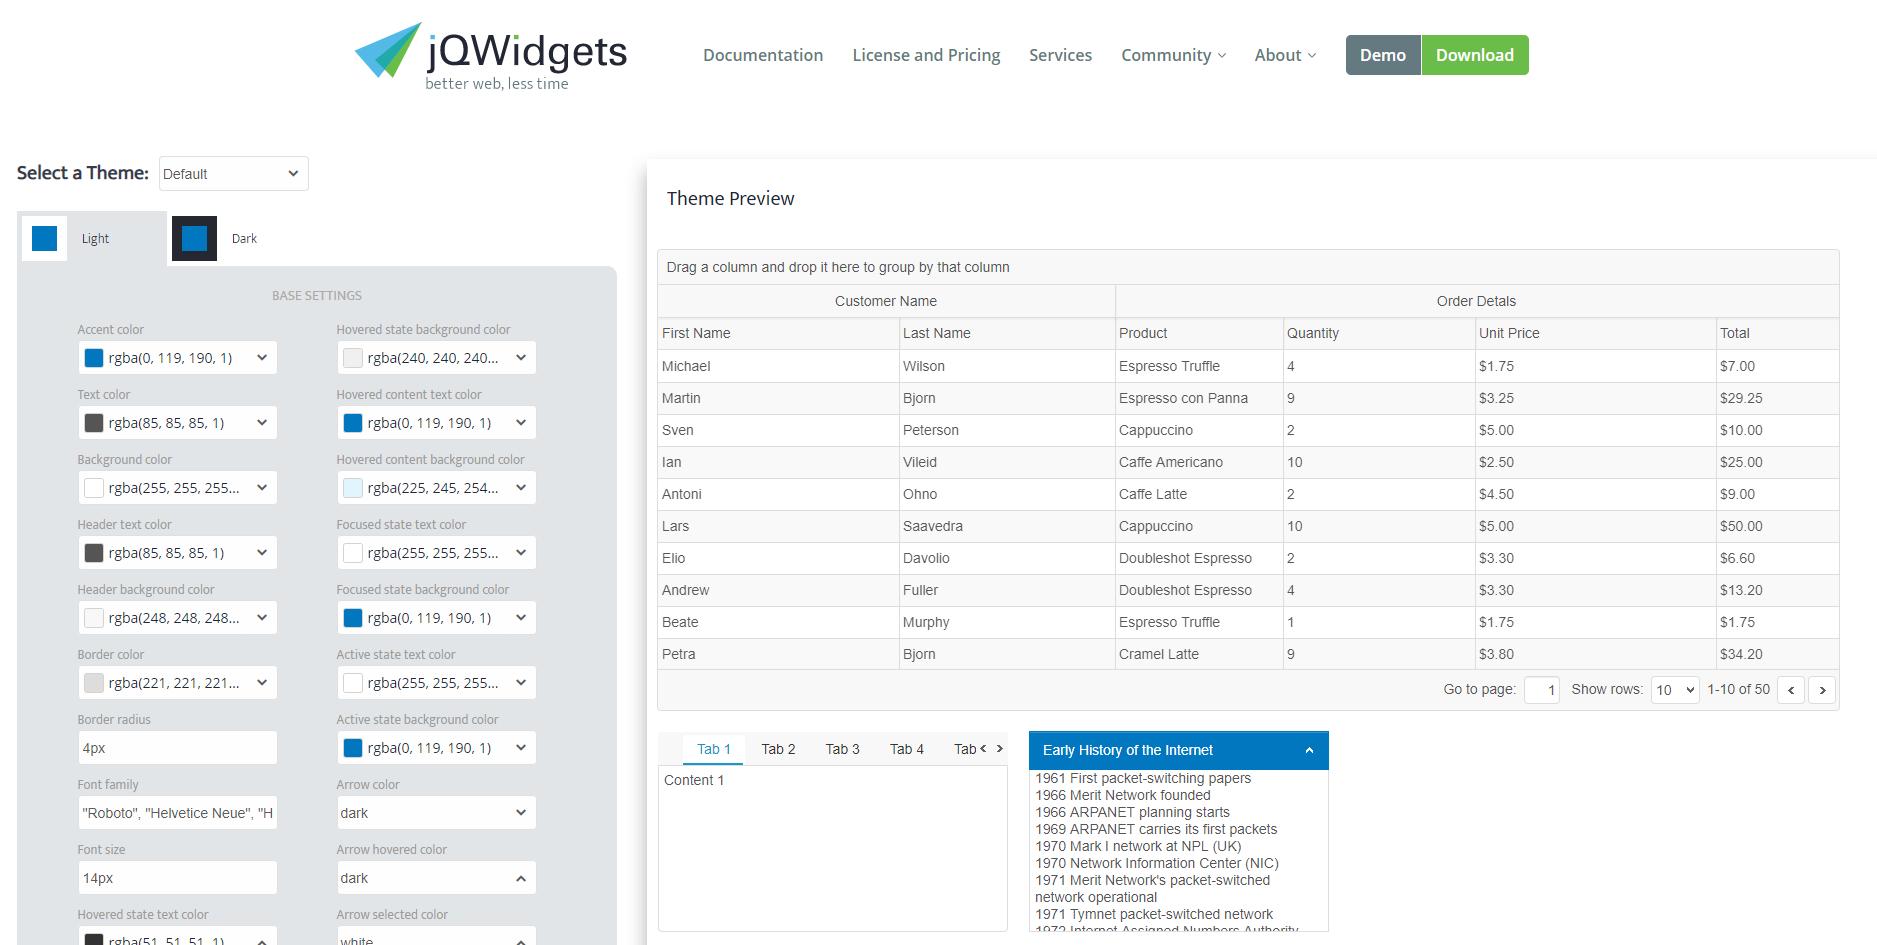 jQWidgets Blog - Javascript, HTML5, jQuery Widgets